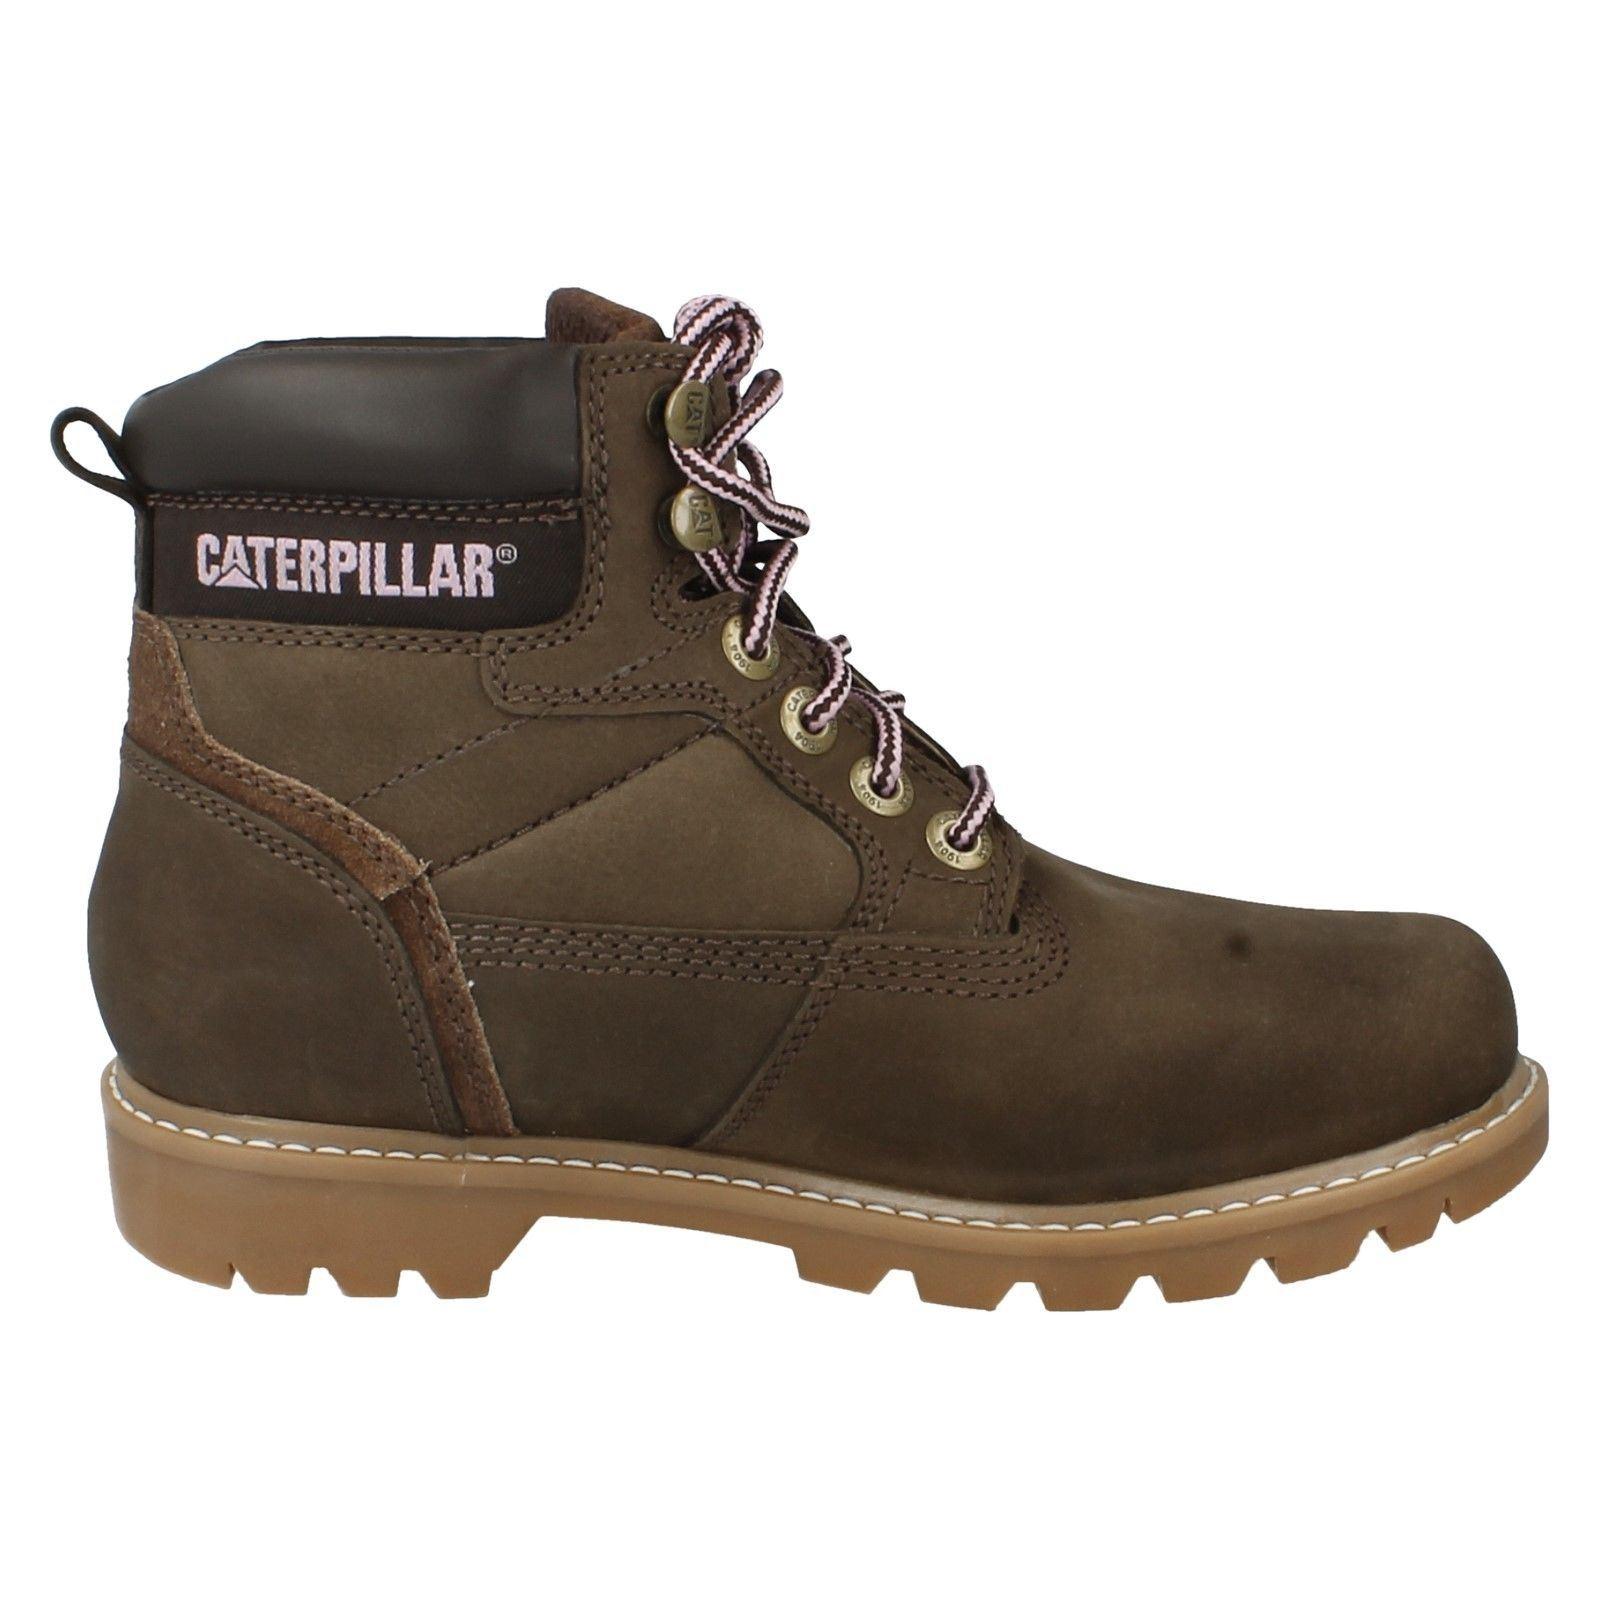 womens caterpillar boots willow ebay